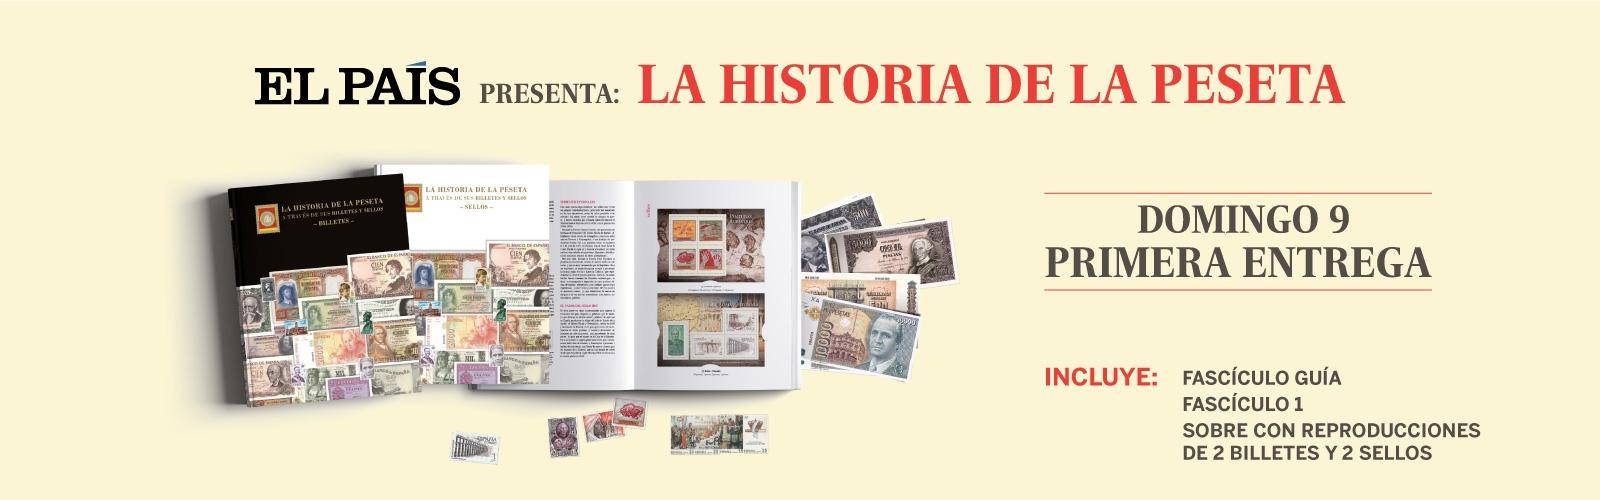 Coleccion de monedas diario ABC - Página 2 La-historia-de-la-peseta-a-traves-de-sus-billetes-y-sellos